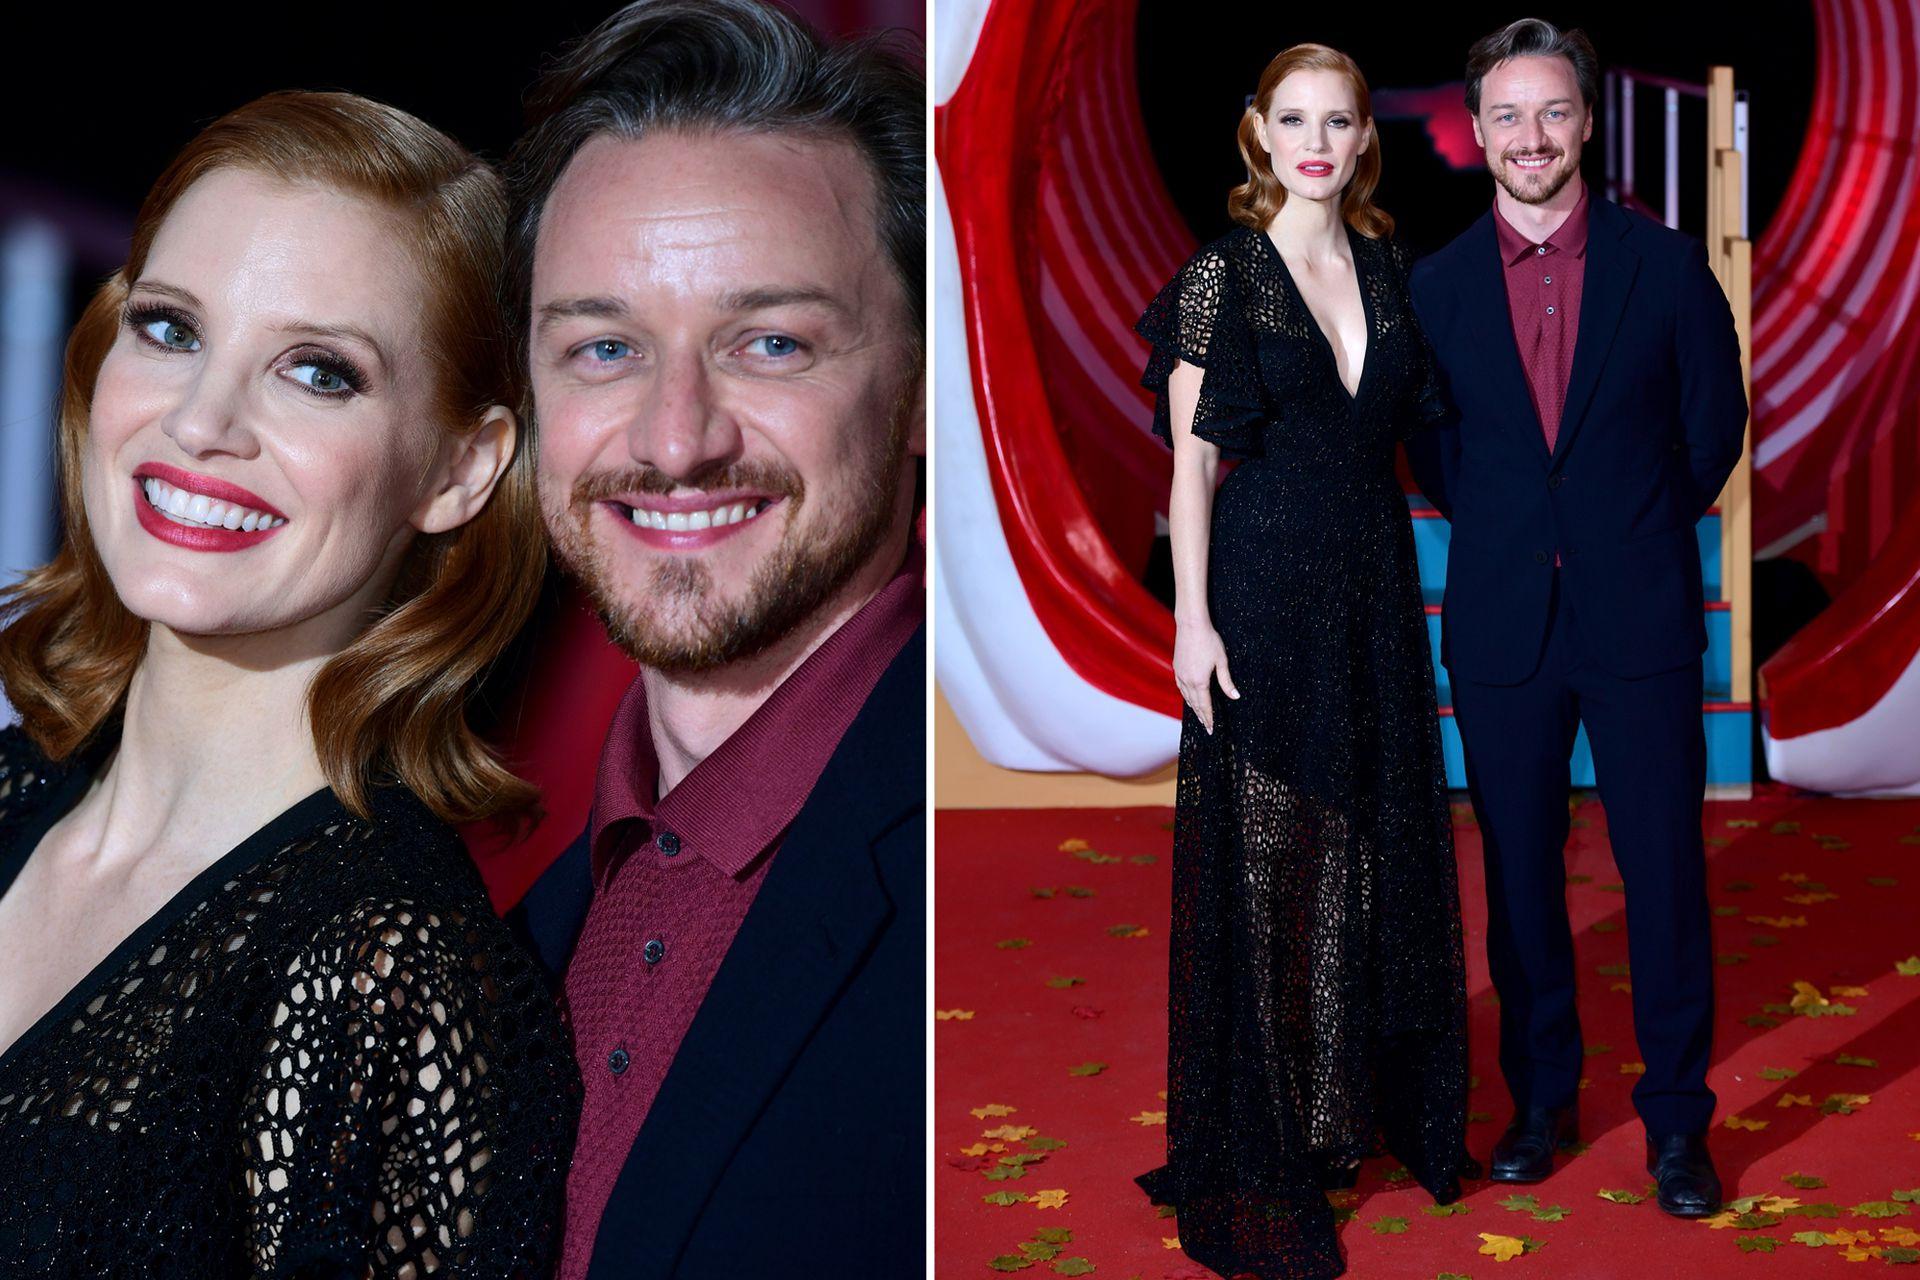 Muy sonrientes. Así se mostraron Jessica Chastain y James McAvoy en la premiere de la segunda entrega de It realizada en Londres